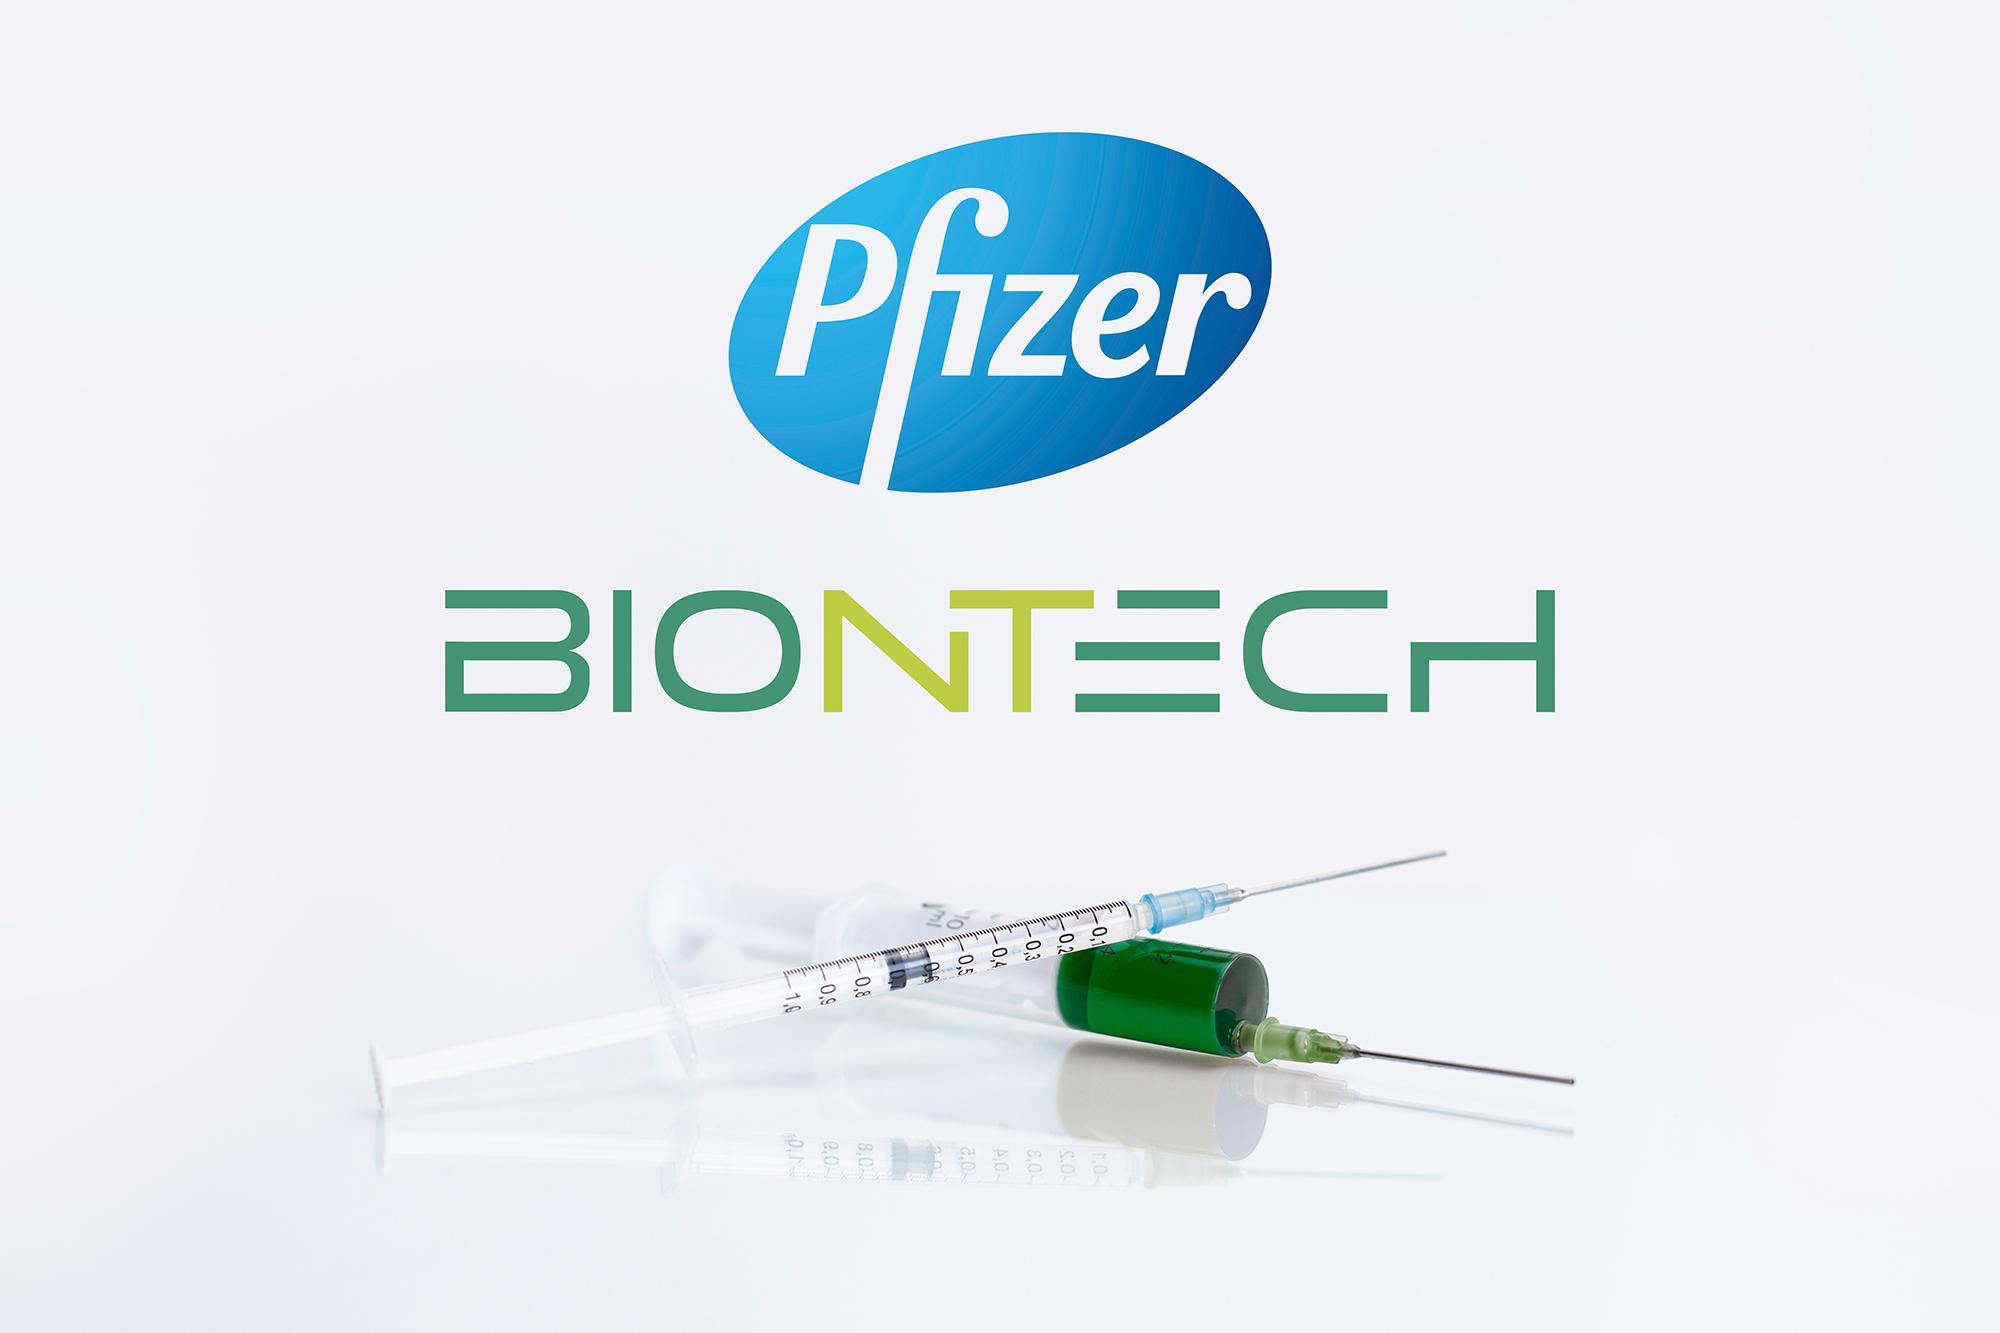 Biontech warnt vor eigenem Impfstoff